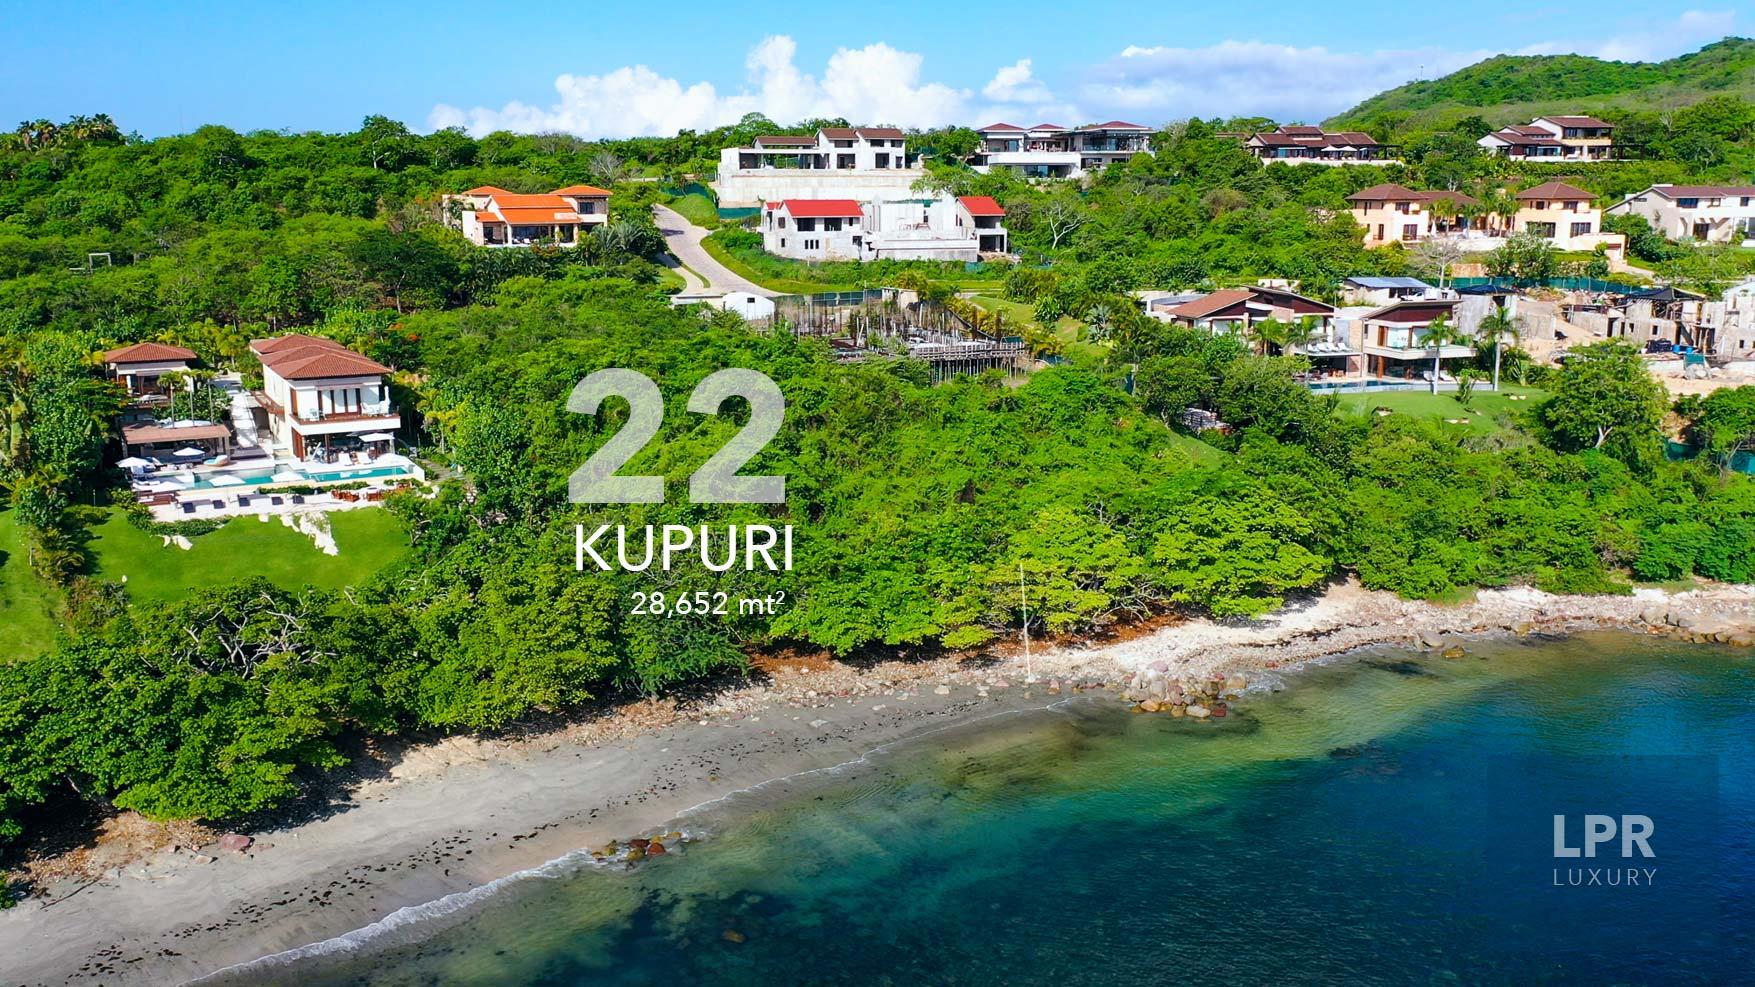 Kupuri - Lot 22 at the Punta Mita Resort, Mexico